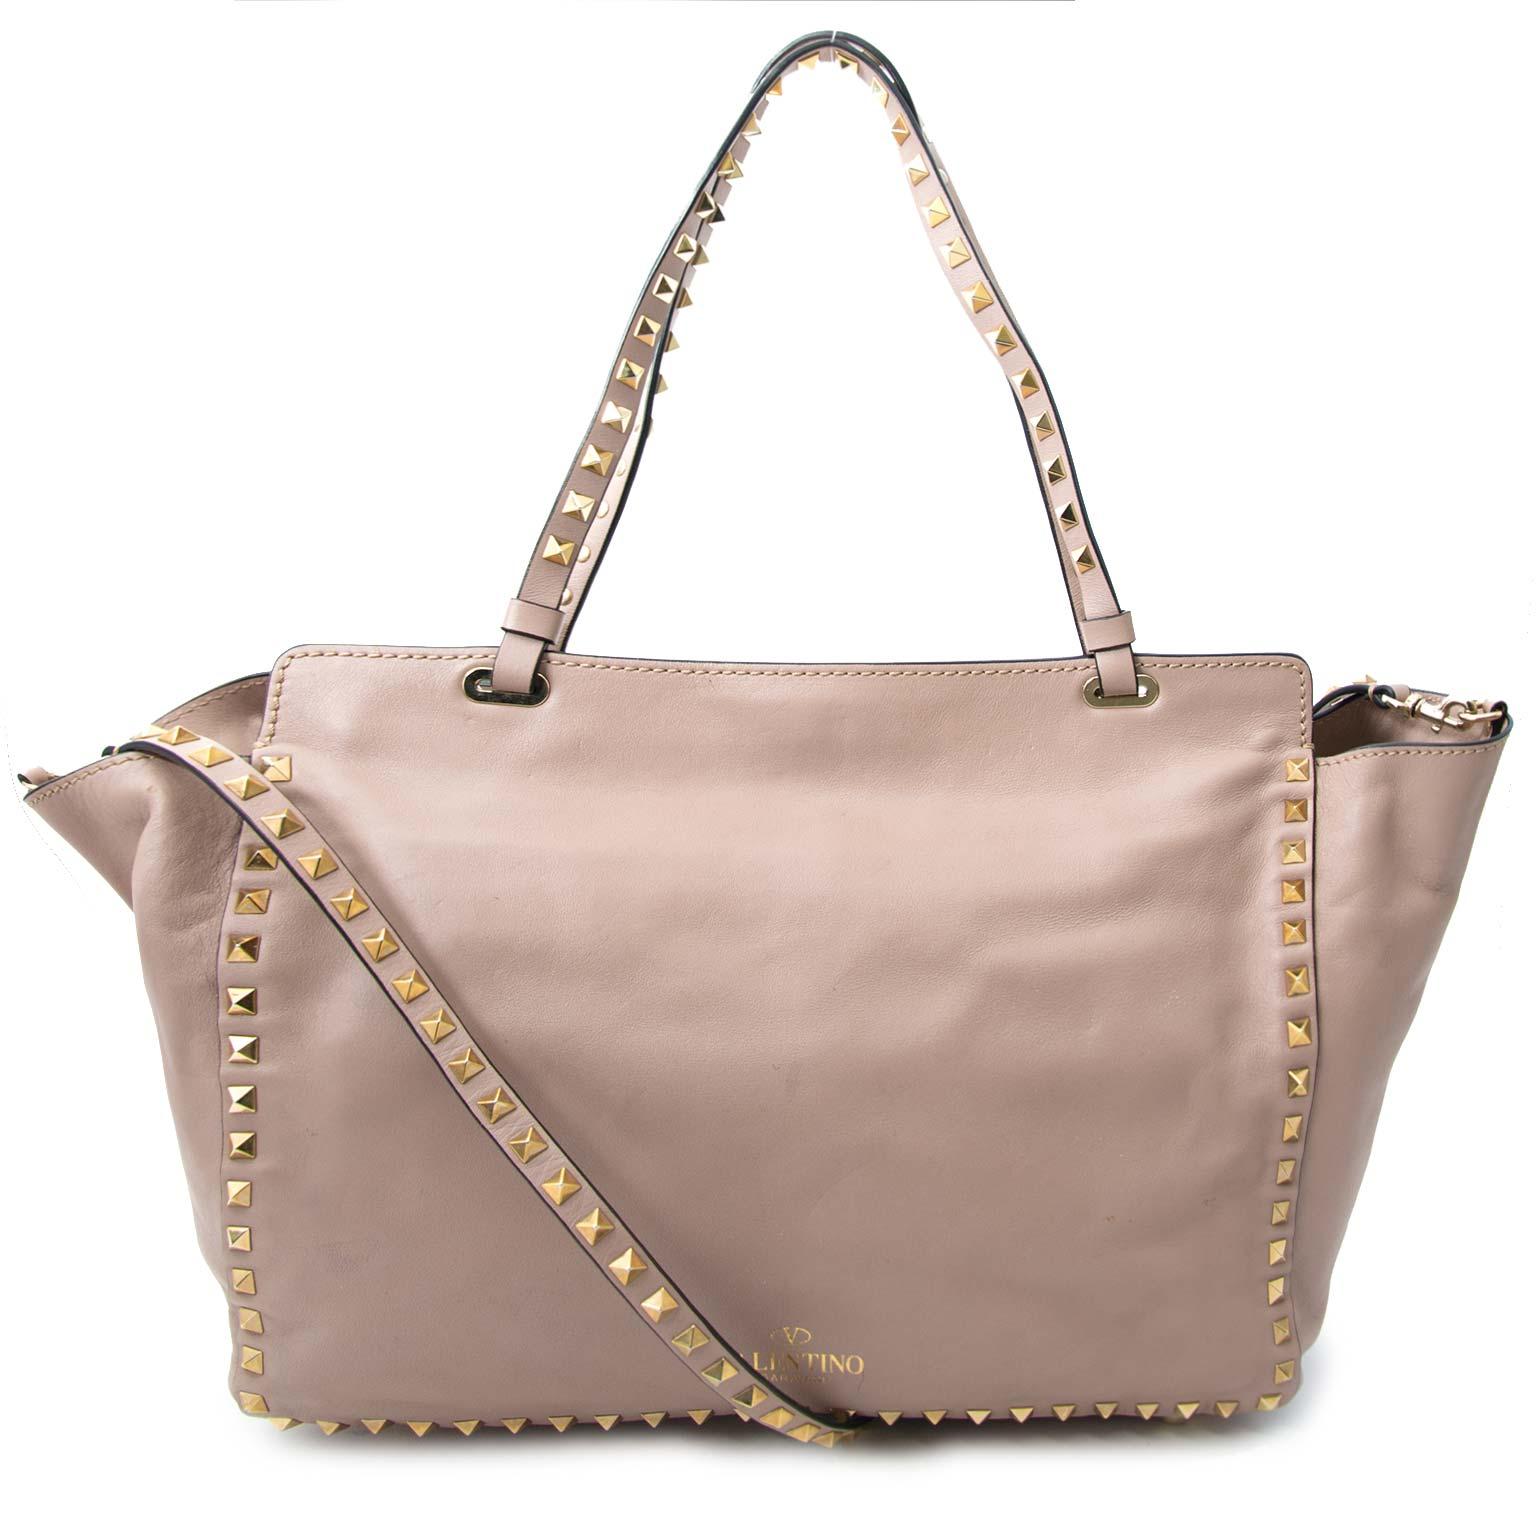 acheter en linge pour le meilleur prix Valentino Rockstud Medium Blush Tote Bag